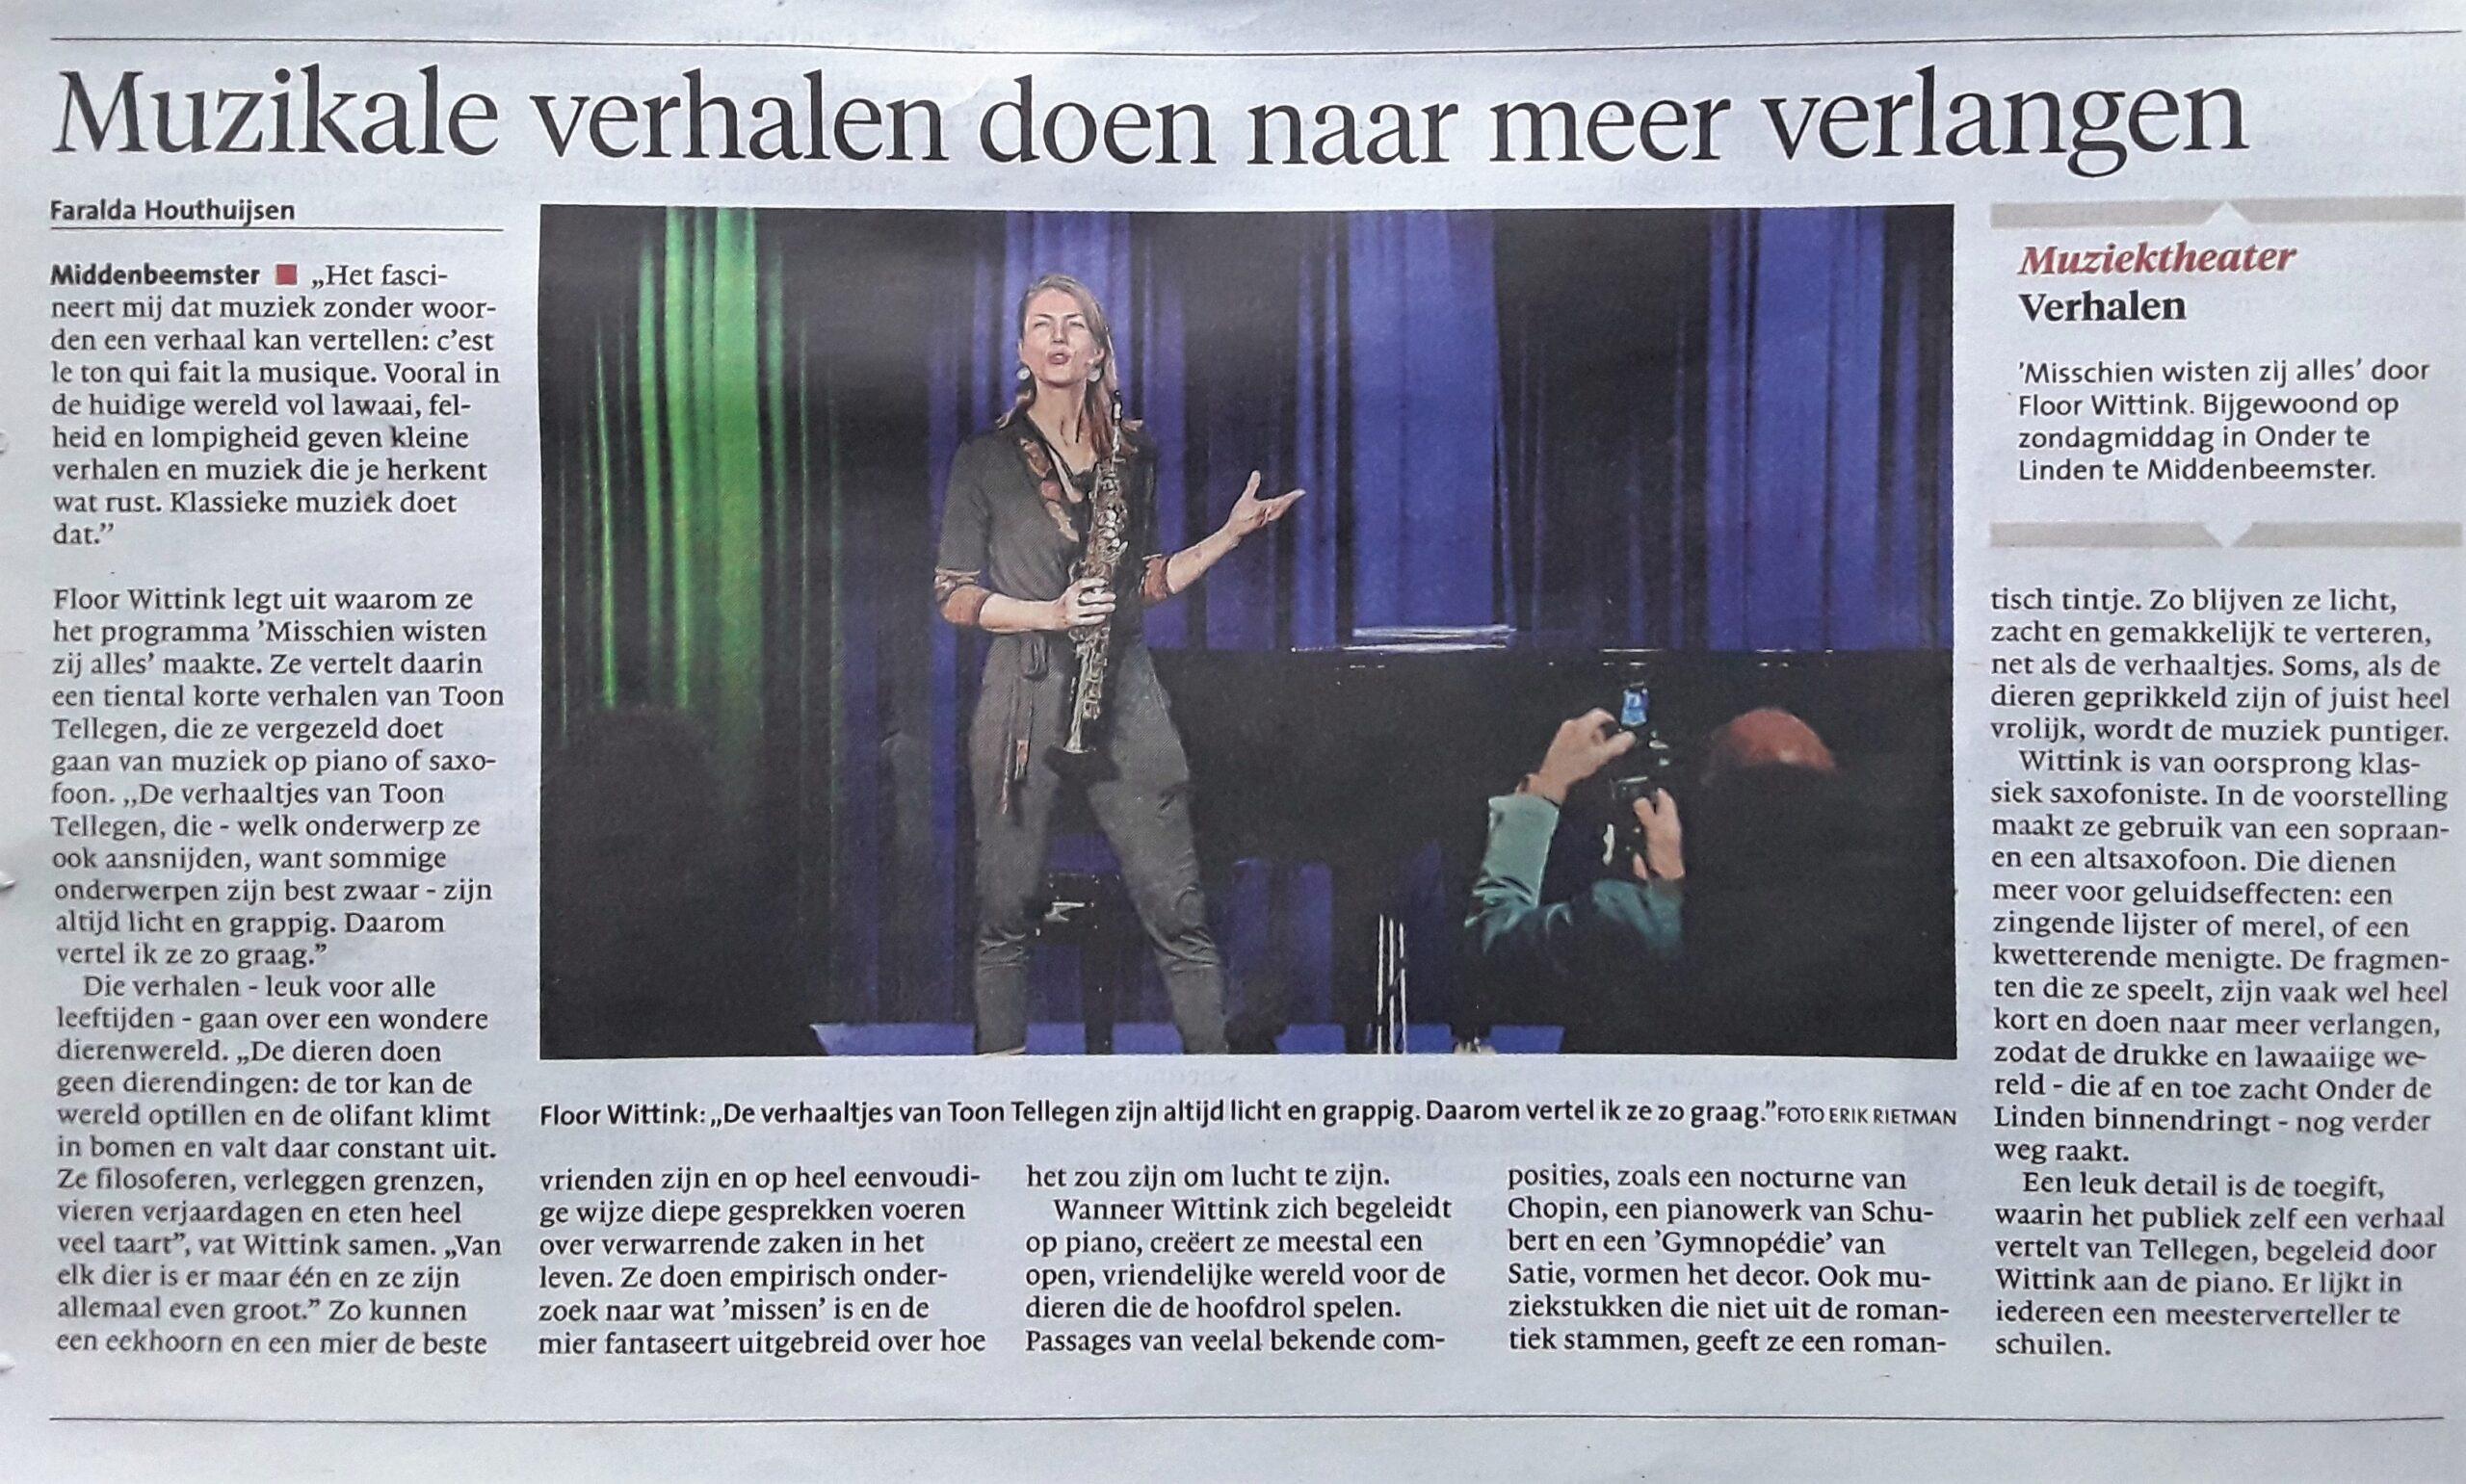 Muzikale verhalen doen naar meer verlangen – NH Dagblad 2020